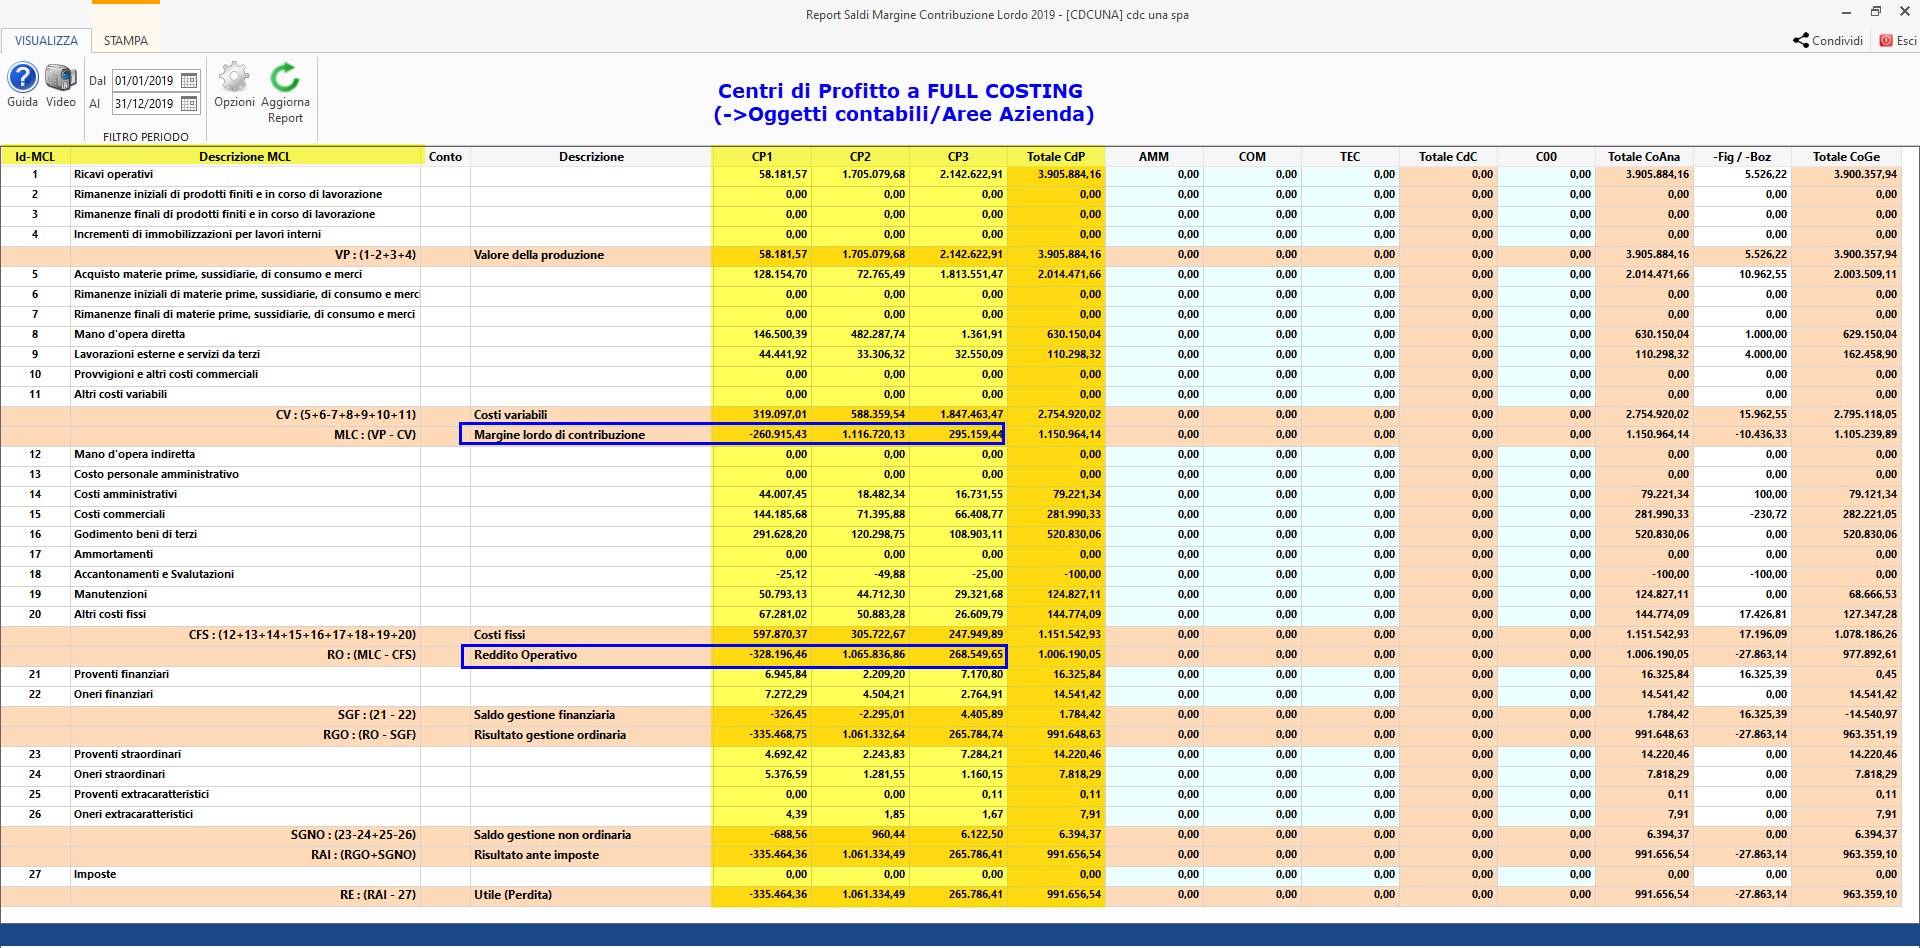 Centri di profitto e di costo: Report a Margine lordo di contribuzione - Full Costing